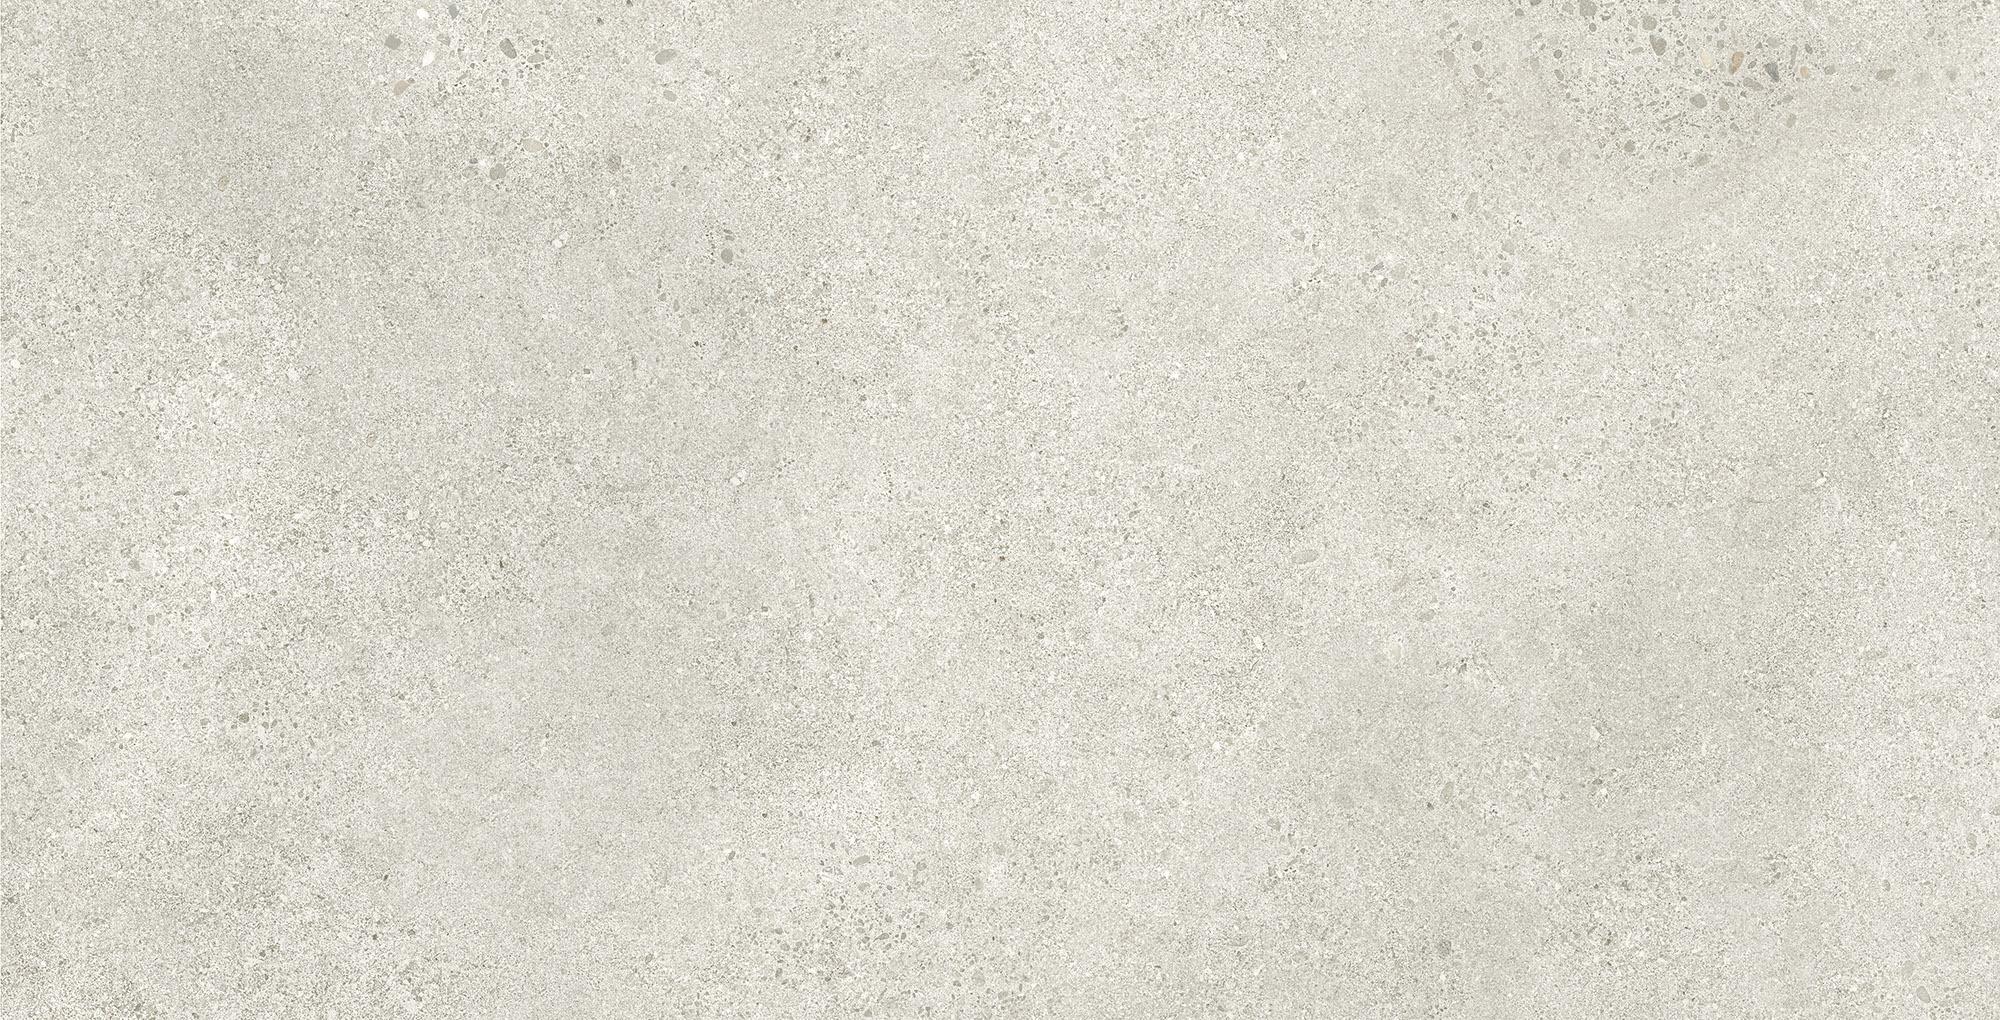 0099702, Deep, Valkoinen, lattia,pakkasenkesto,liukastumisenesto,uimahalli